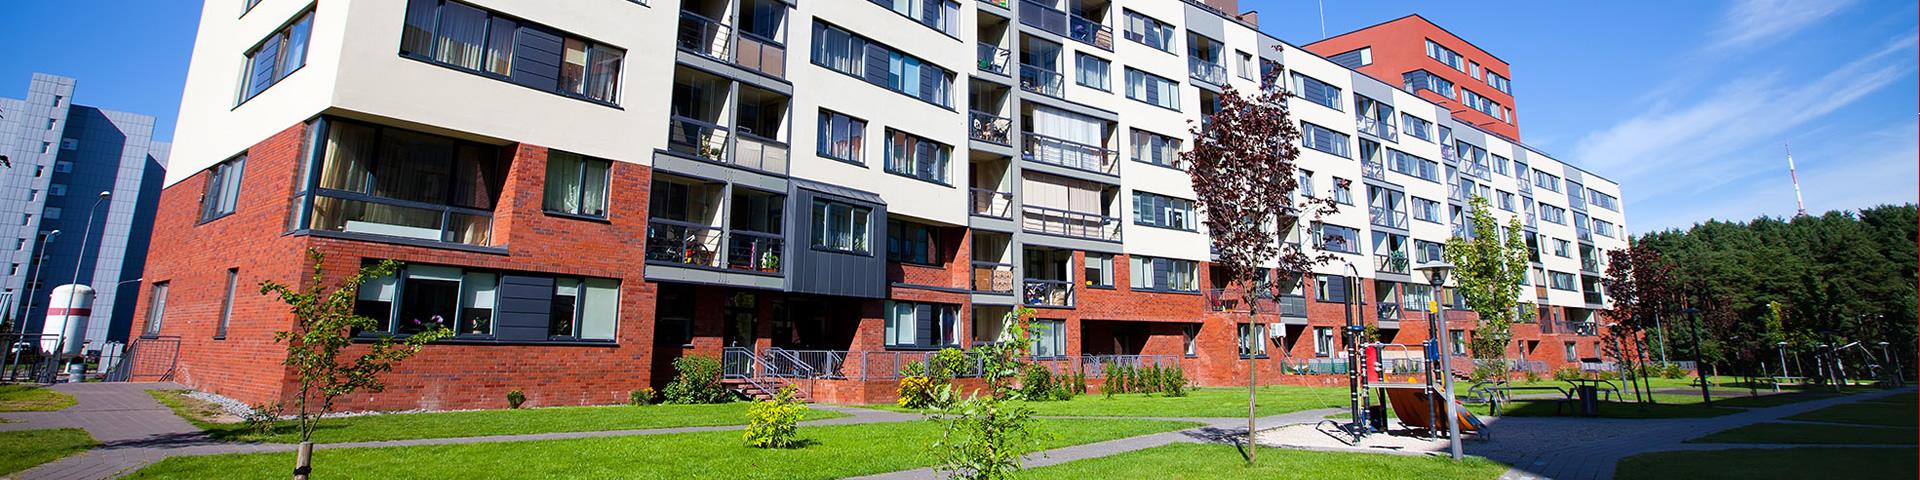 Studio amministrazione immobiliare Riccio - Orbassano (TO)